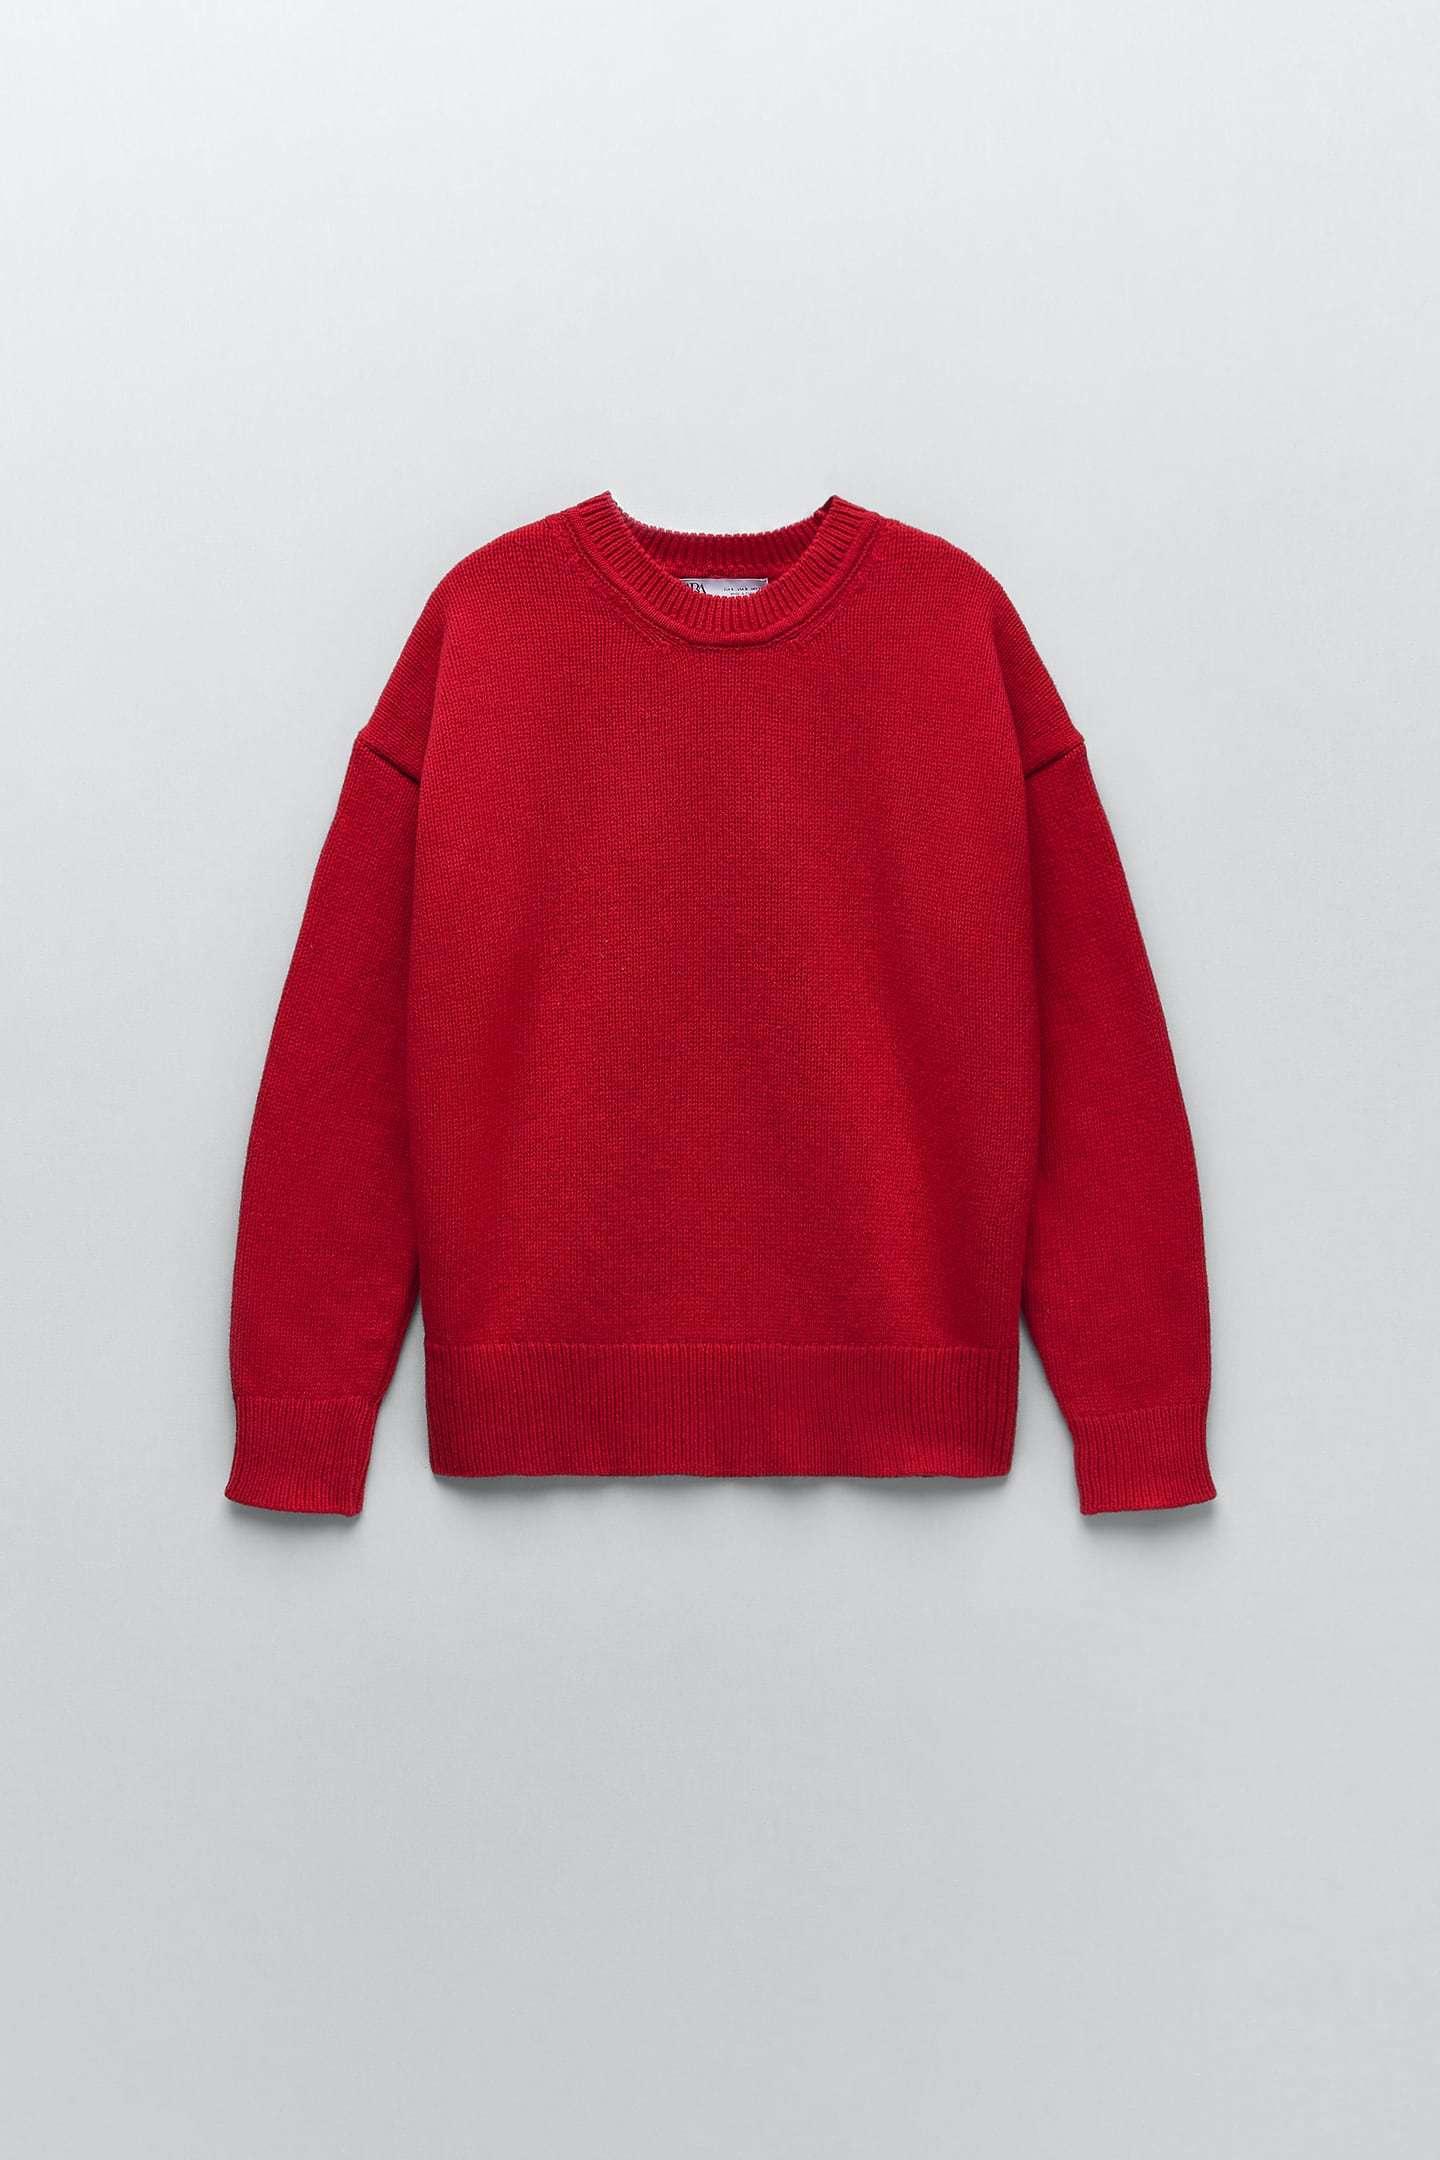 Jersey rojo, de Zara.